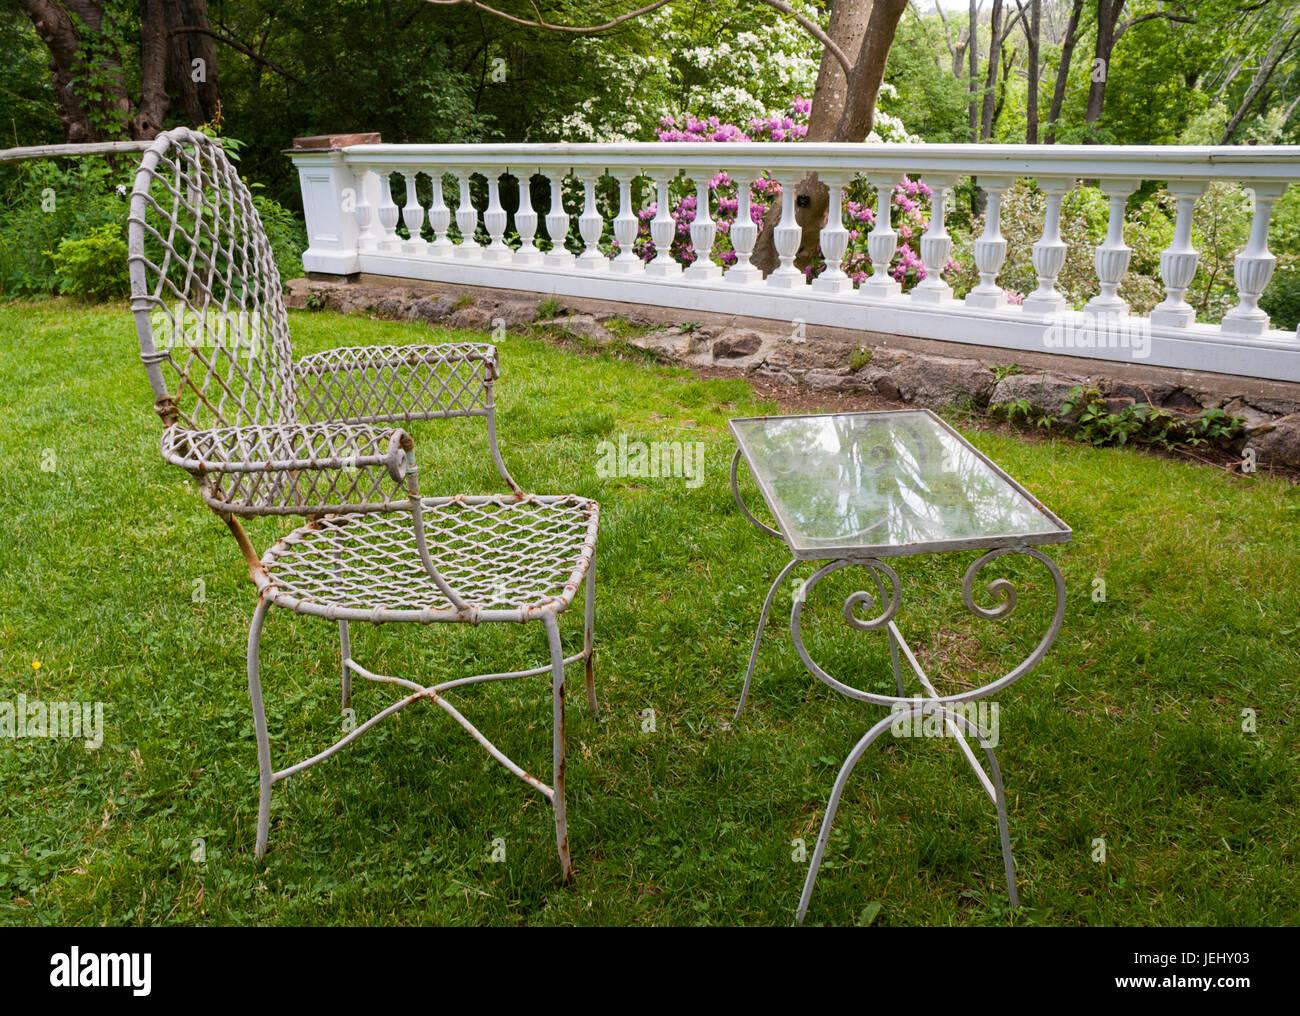 Viktorianischer Sessel Und Glas Gartentisch Neben Einem Garten